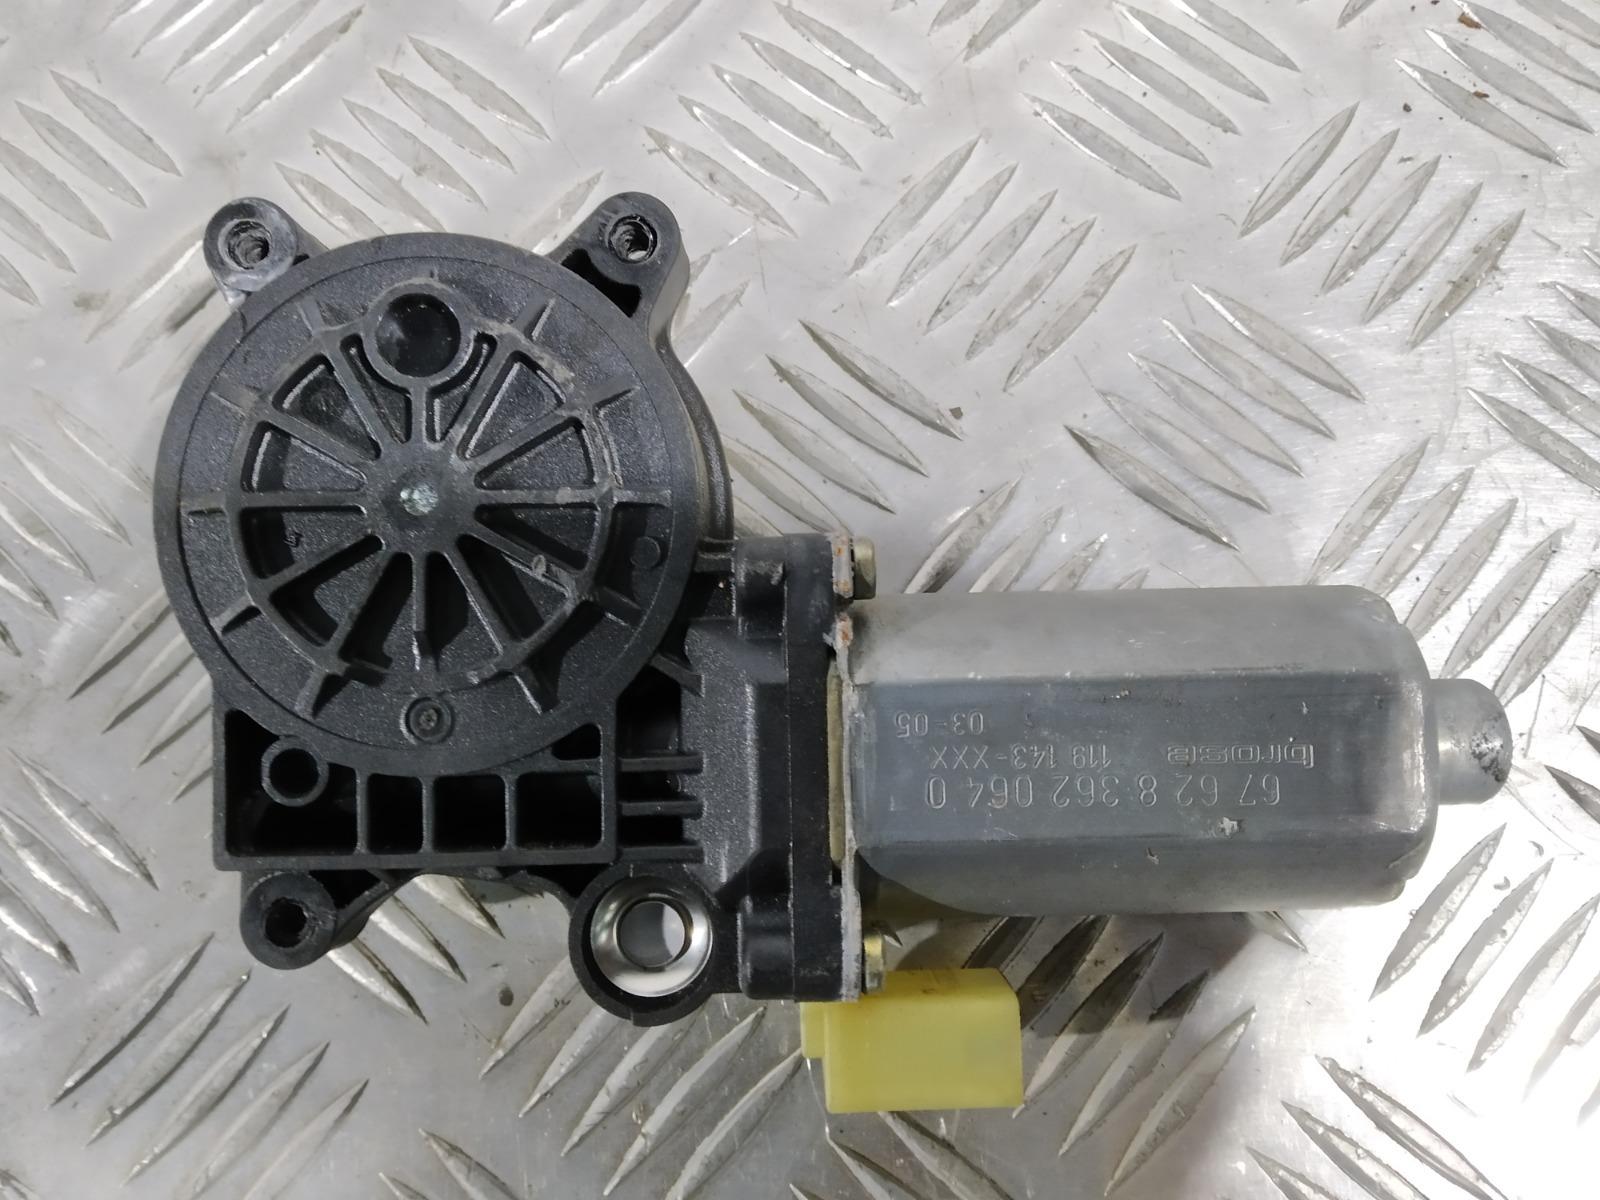 Моторчик стеклоподъемника передний левый Bmw 3 E46 2.0 I 2003 (б/у)